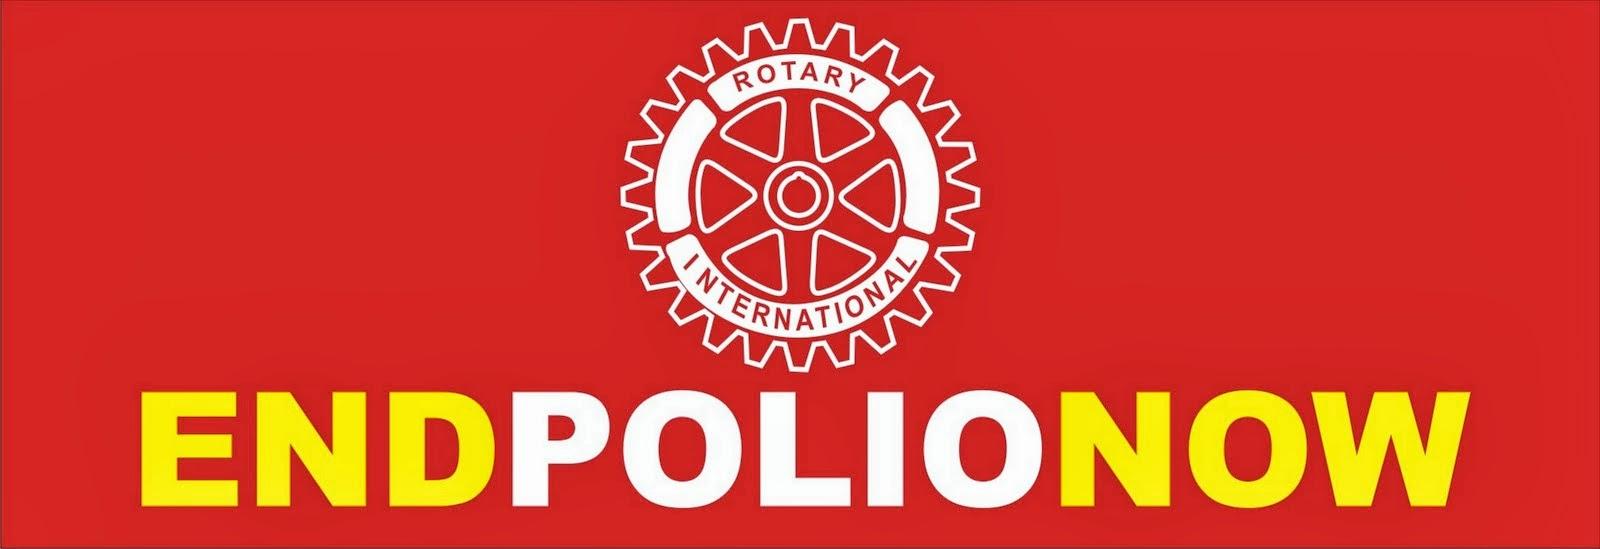 end-polio-now-rotary-club-nossa-causa-projeto